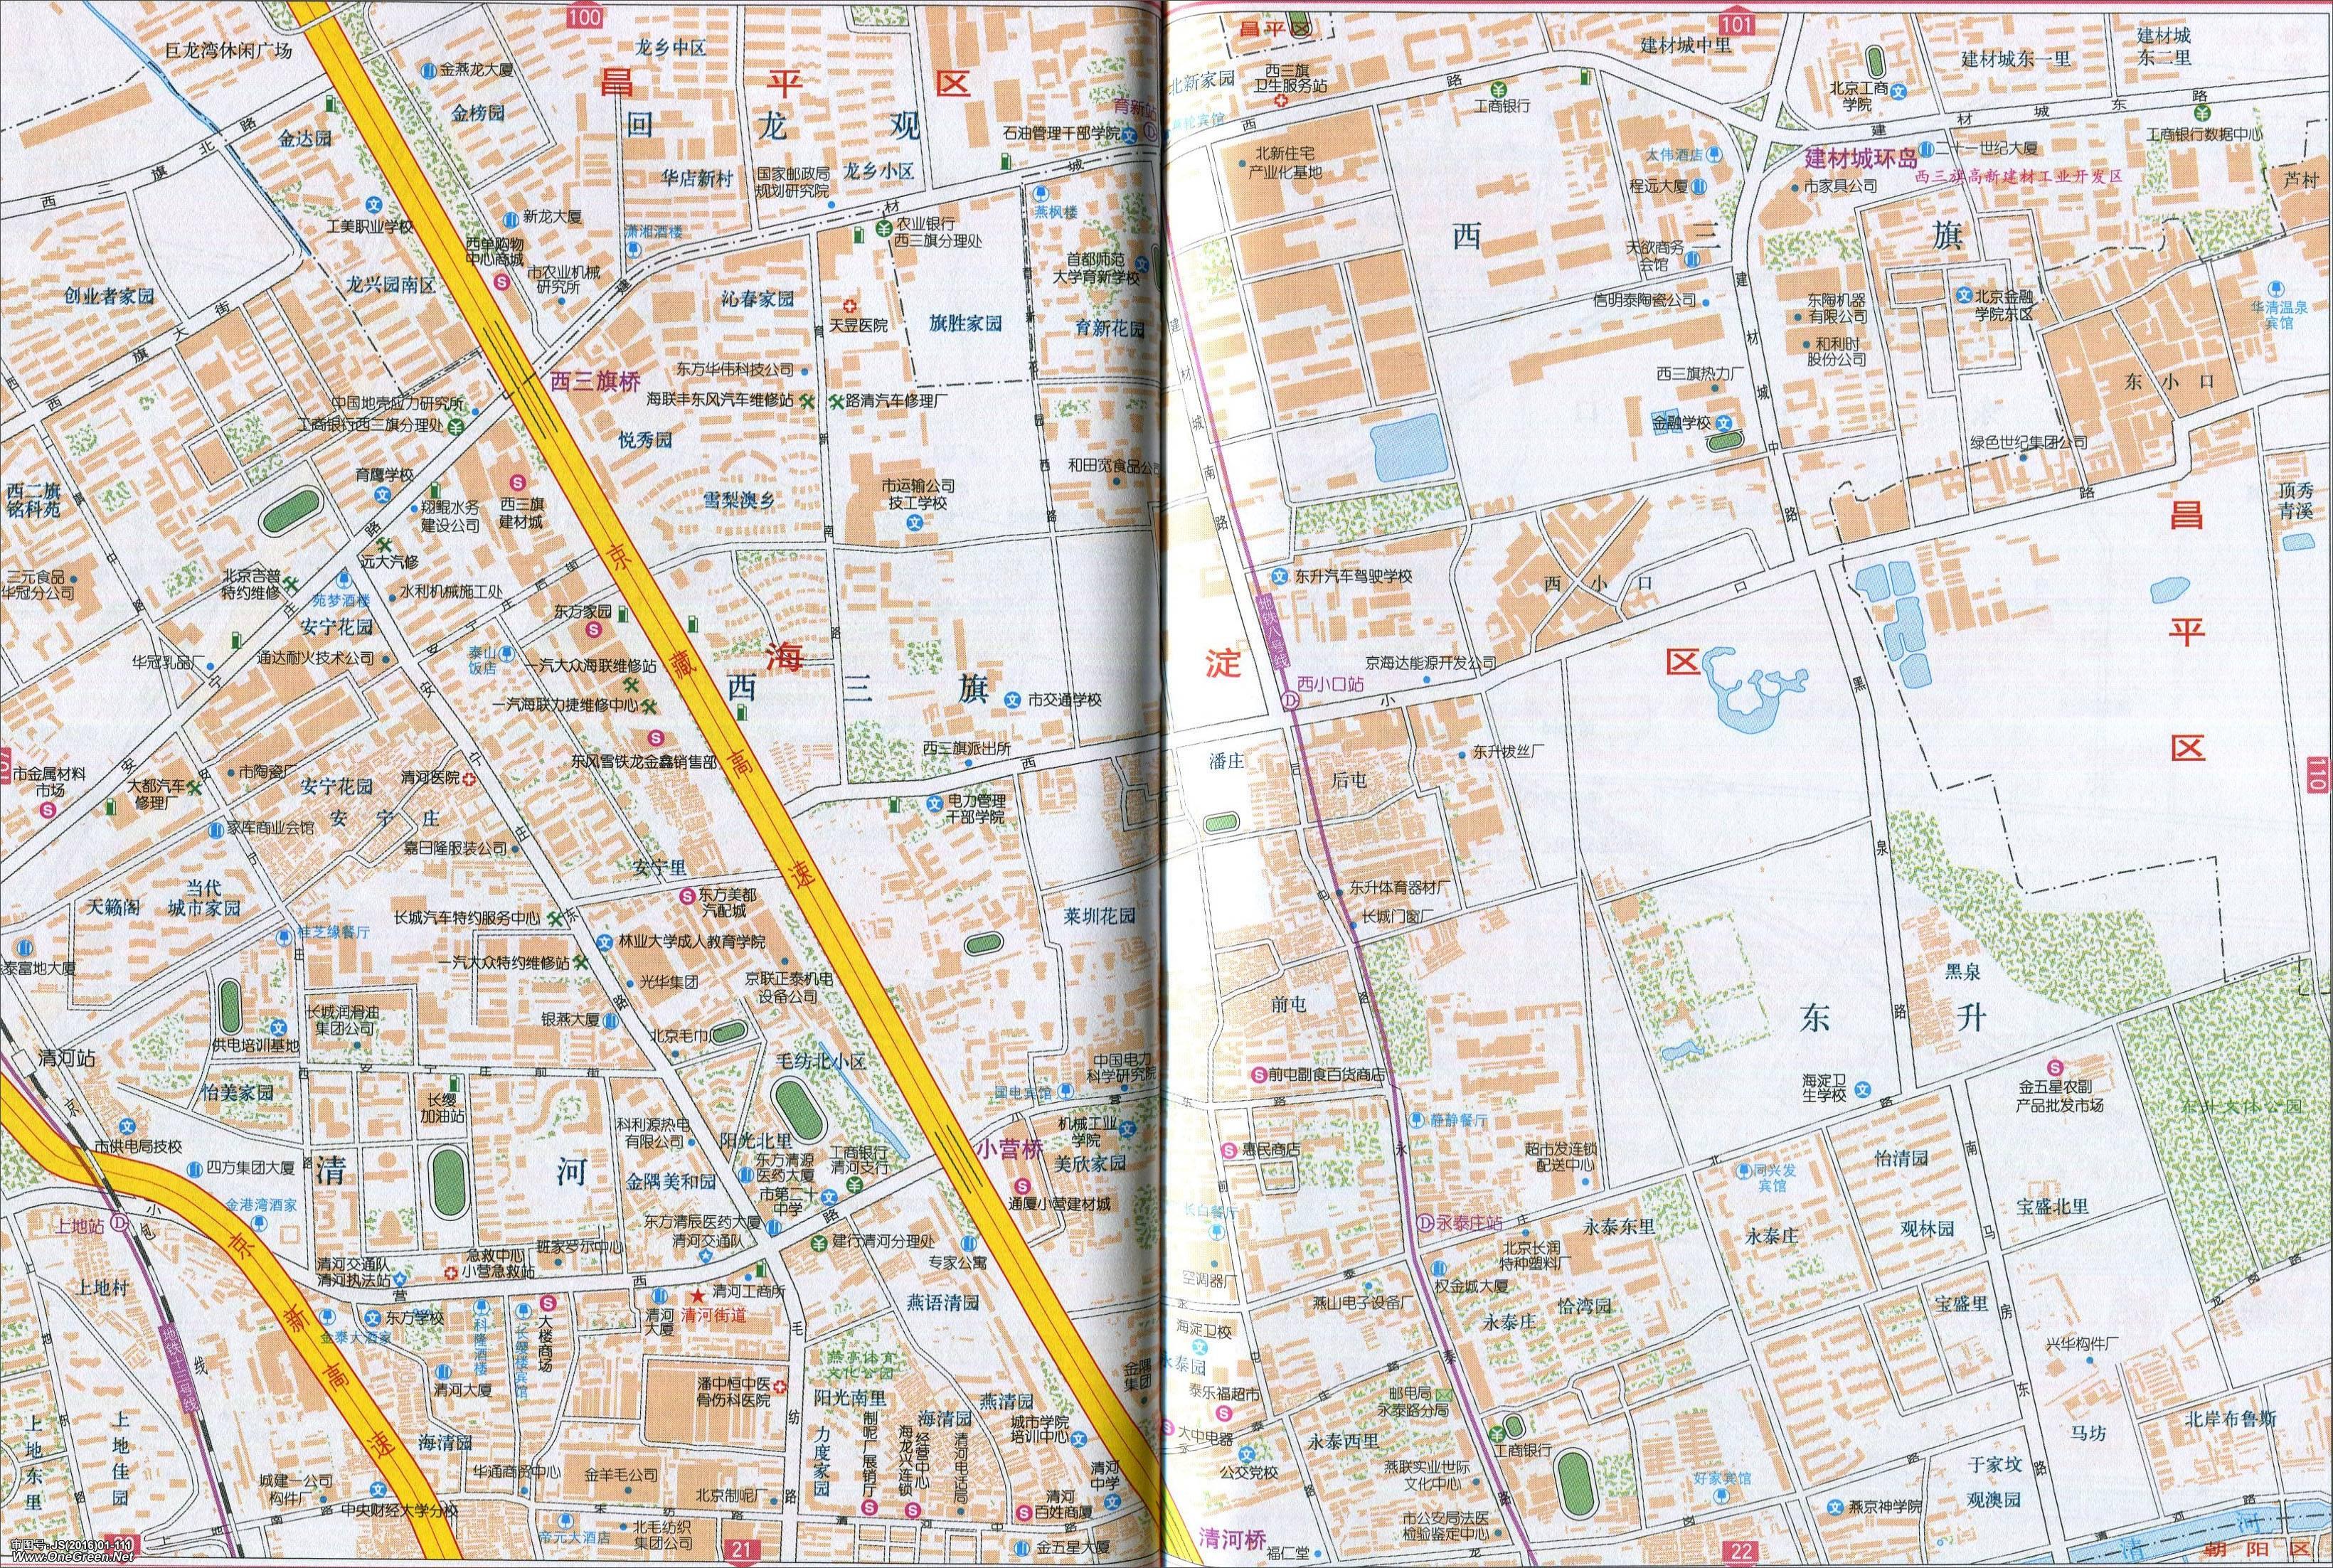 北京西三旗地图